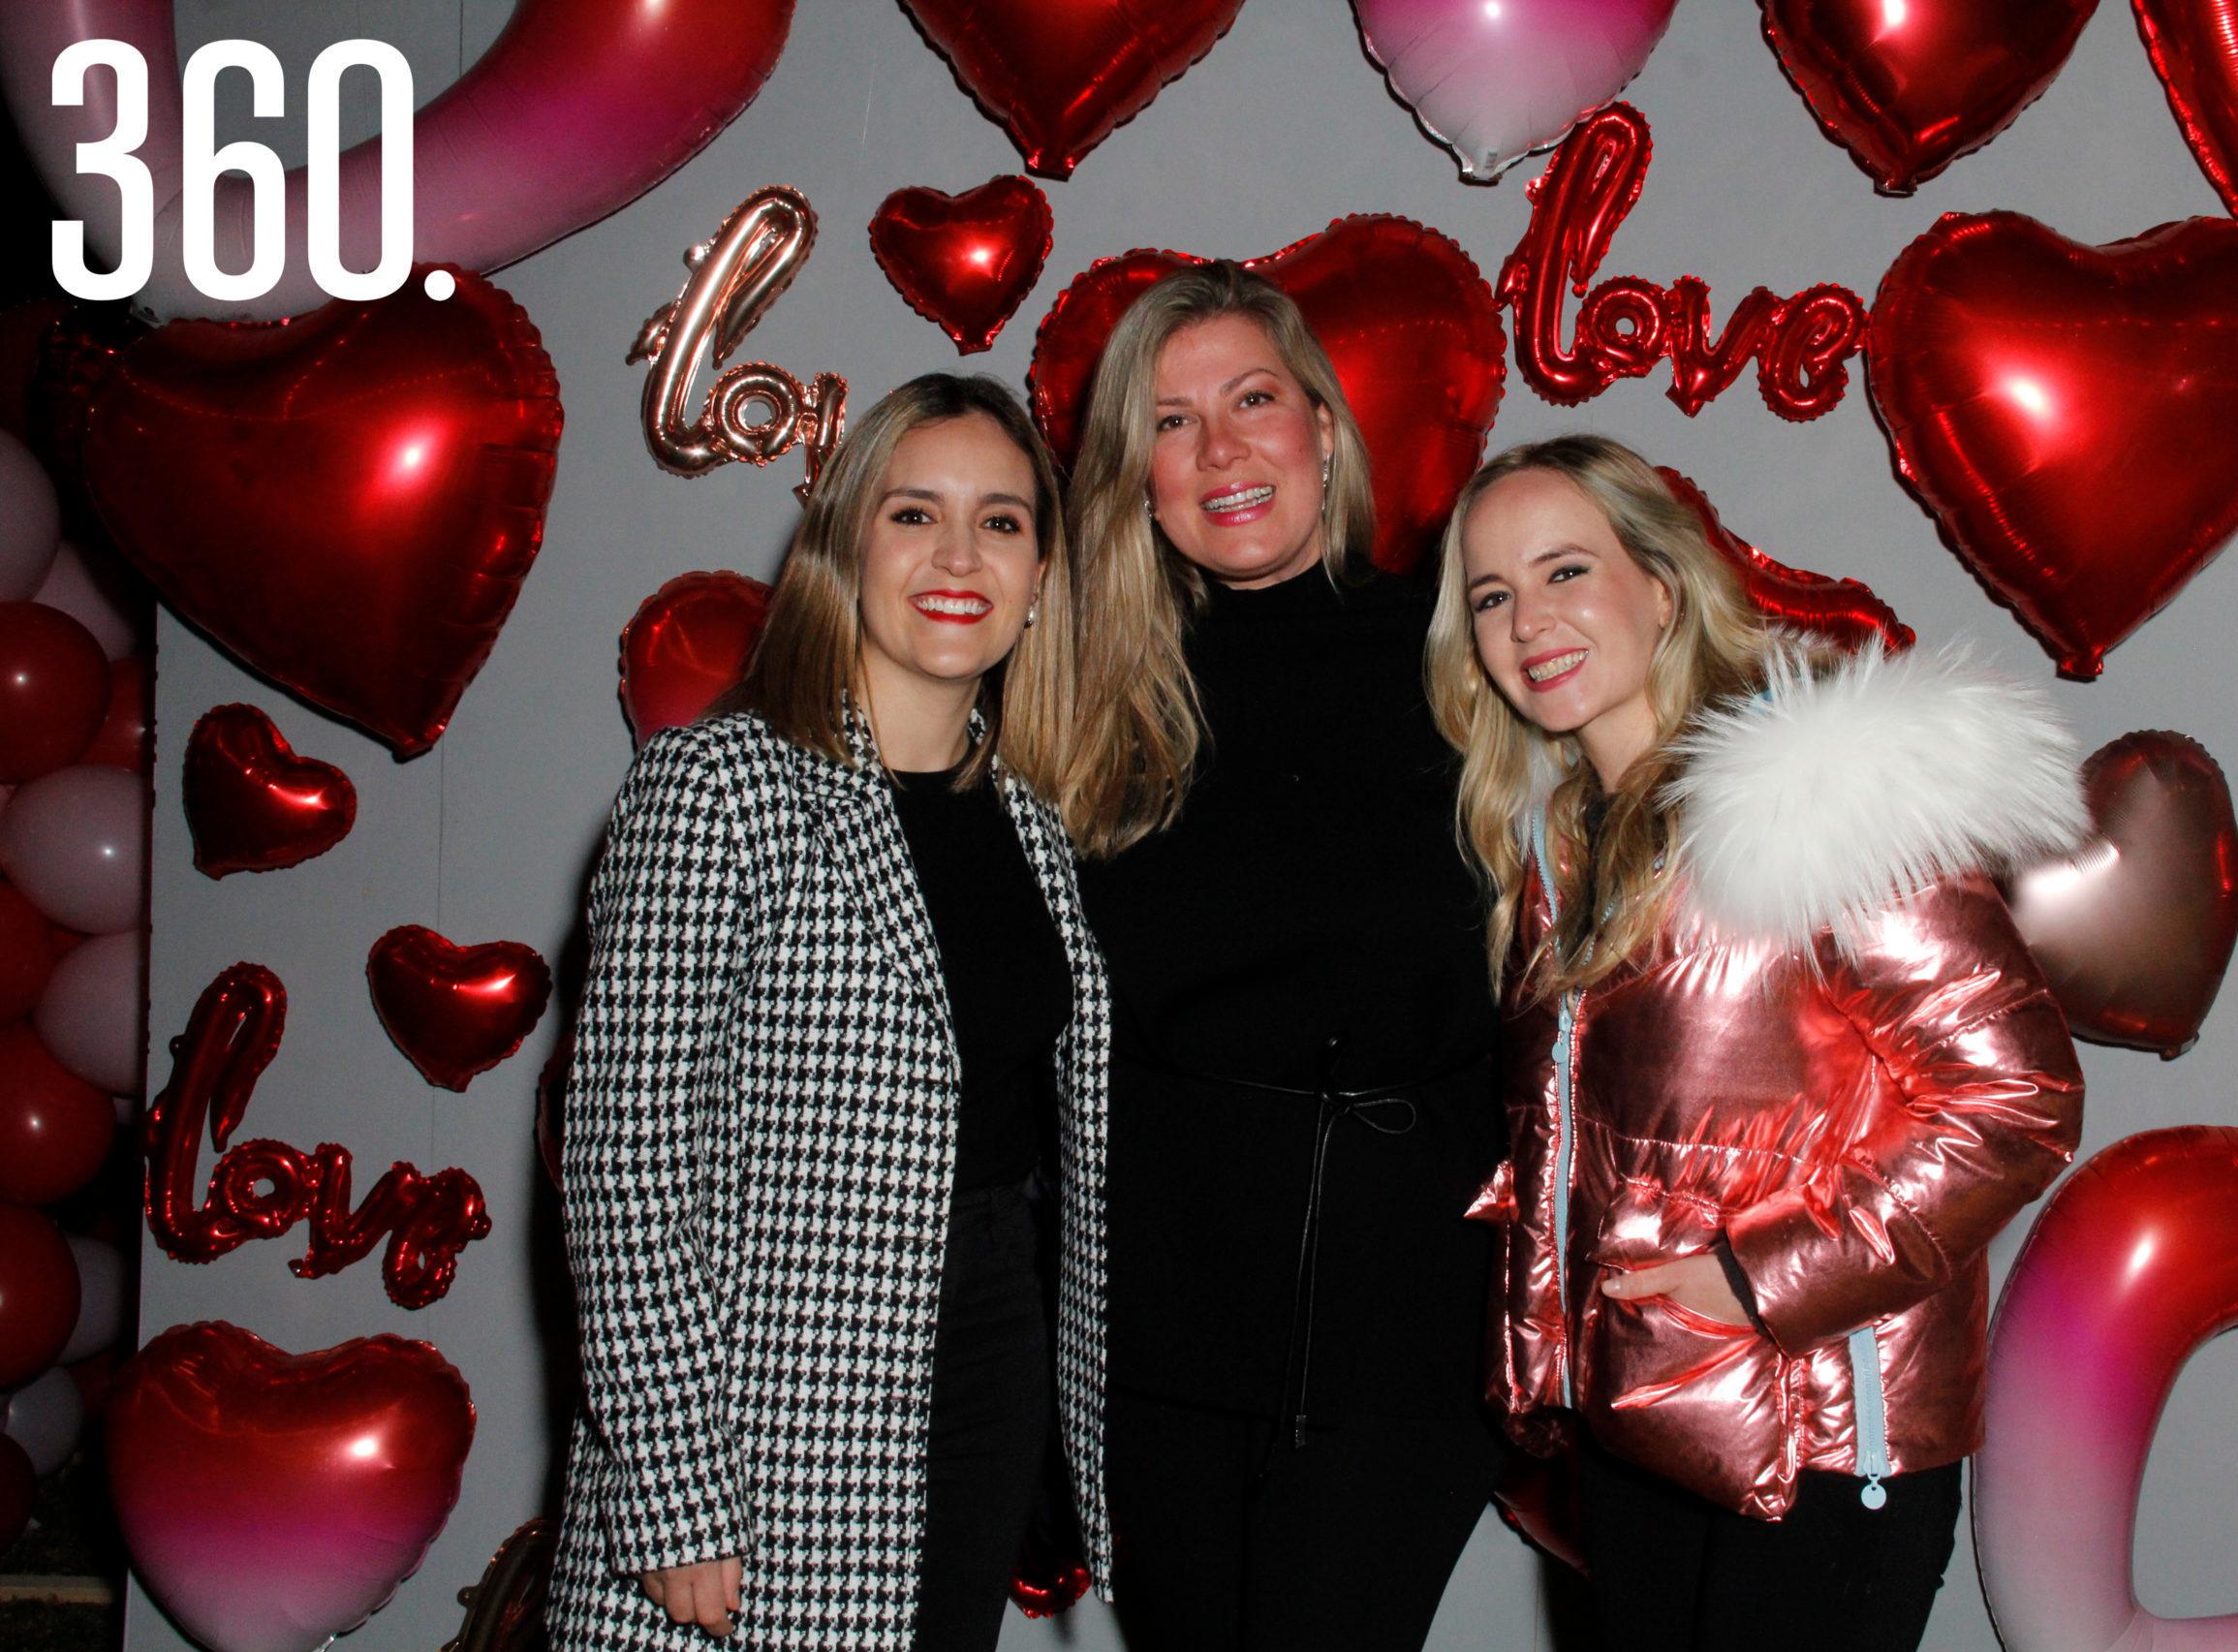 Lorena González, Aylin Gustafson y Liliana Cepeda refrendaron su amistad en Il Mercato Gentiloni.